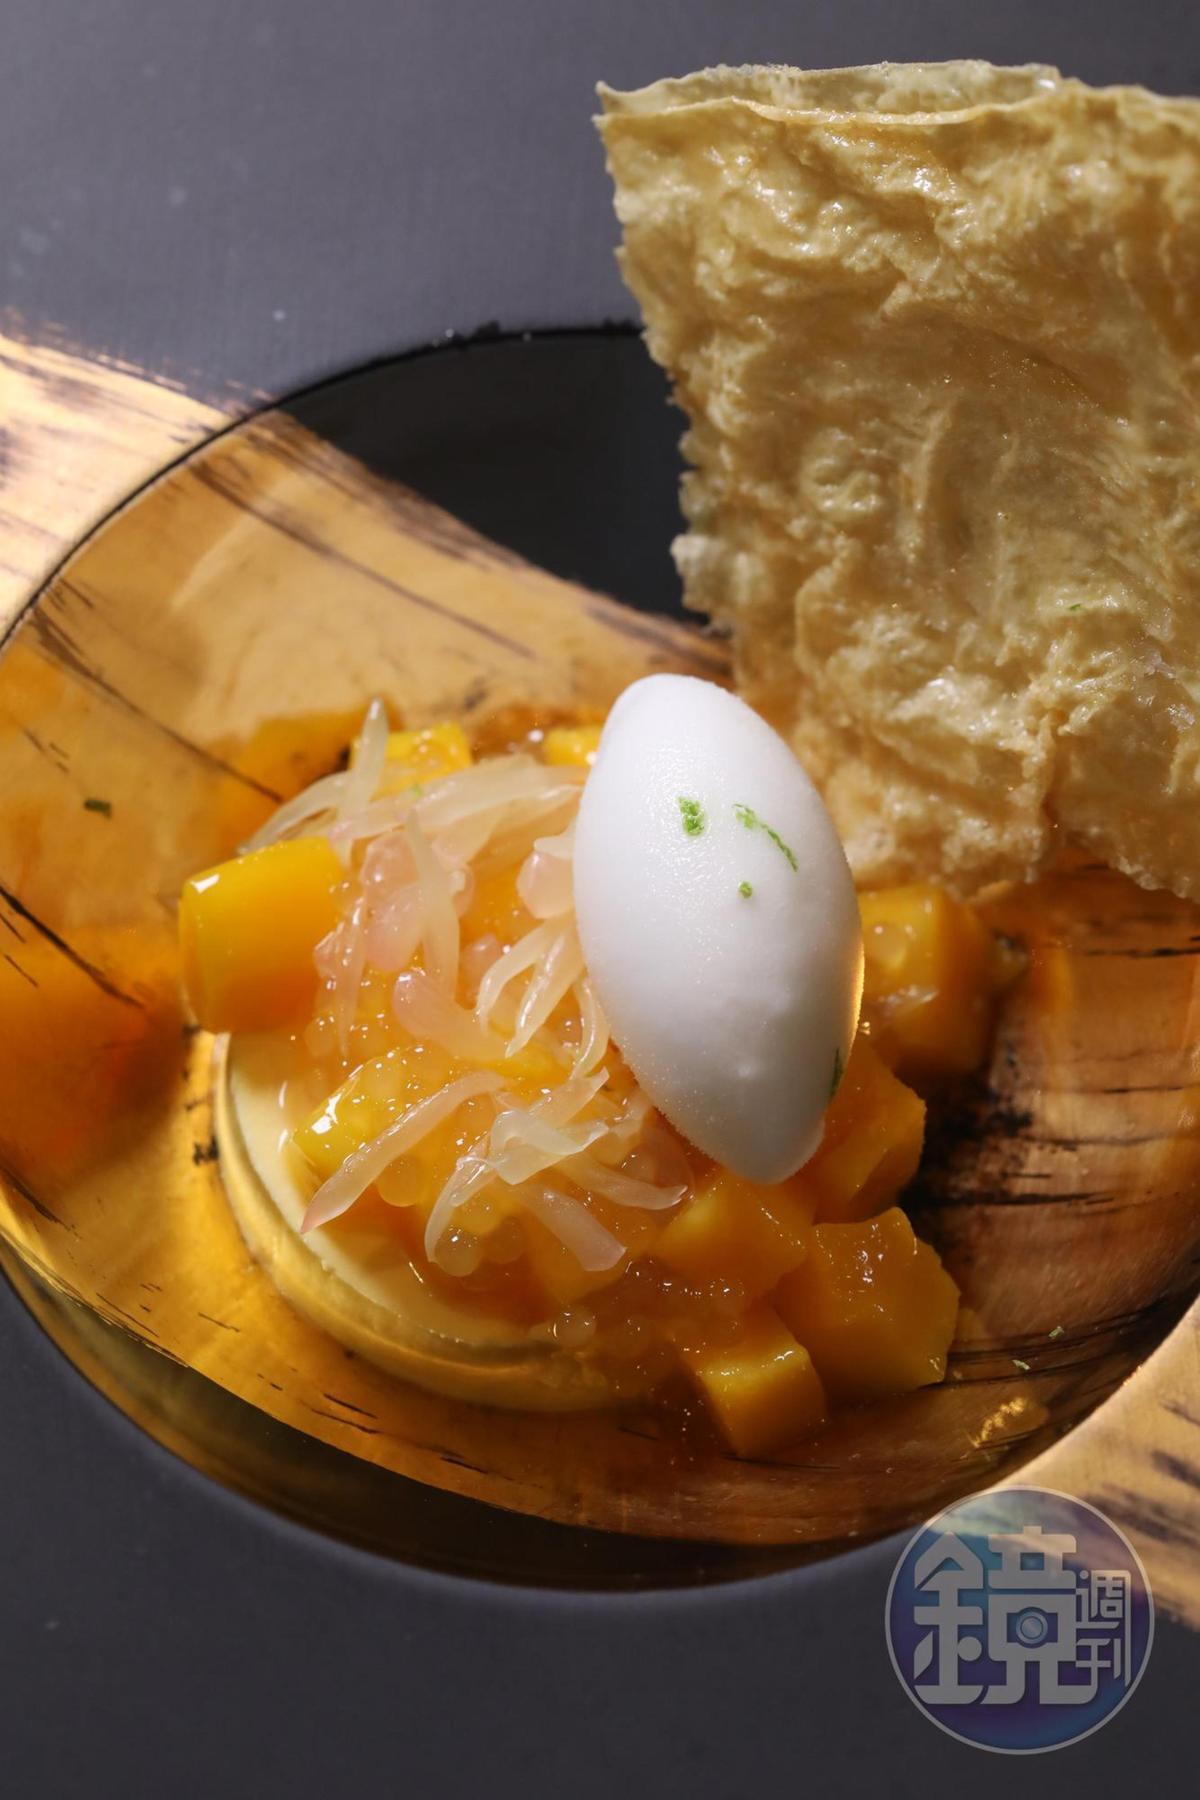 甜點是向楊枝甘露致敬的「香芒腐皮酥配椰汁雪酪」。